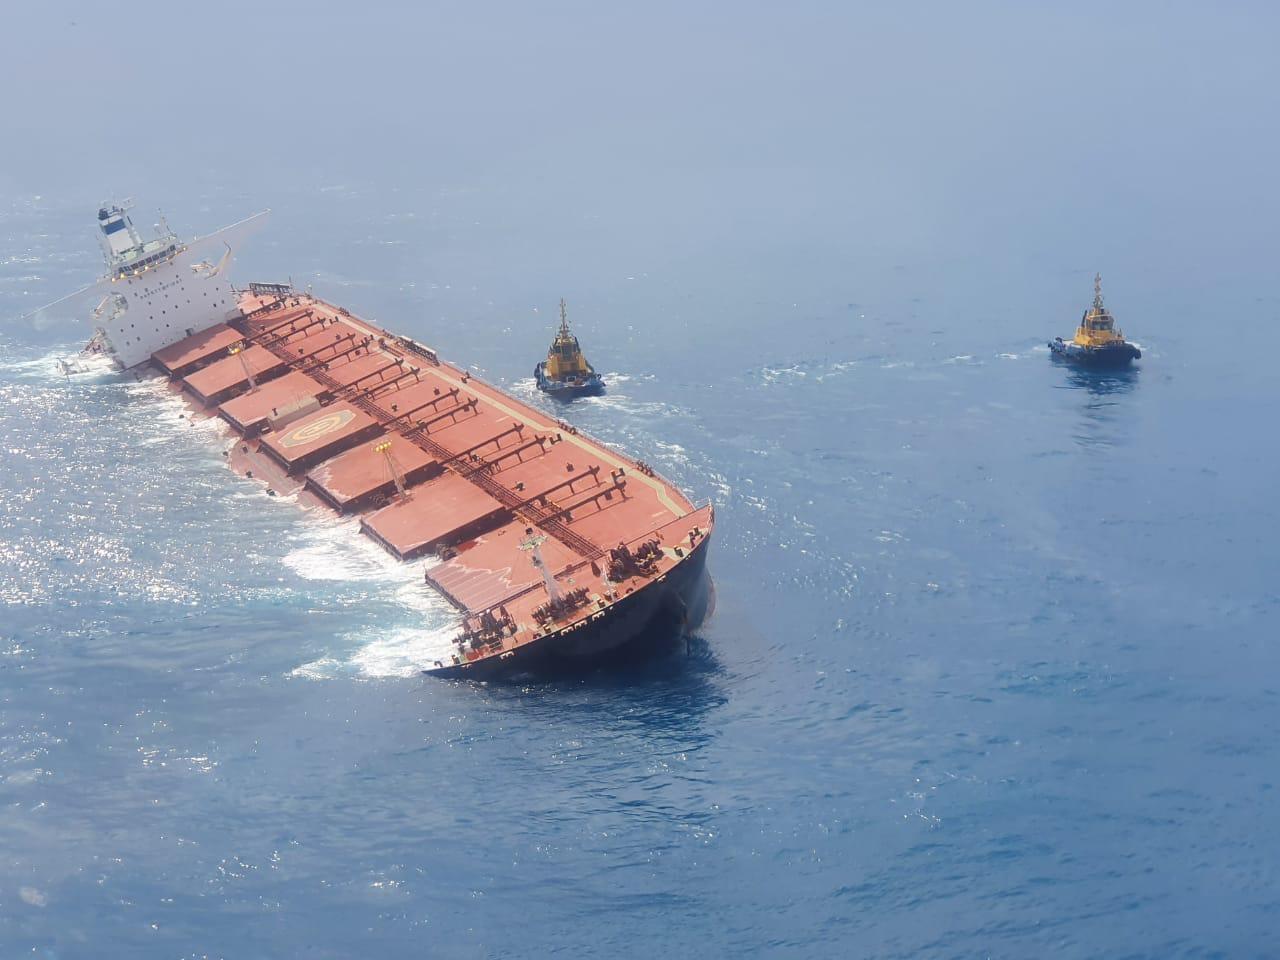 Marinha abre gabinete de crise por possível dano ambiental em navio encalhado na costa do MA